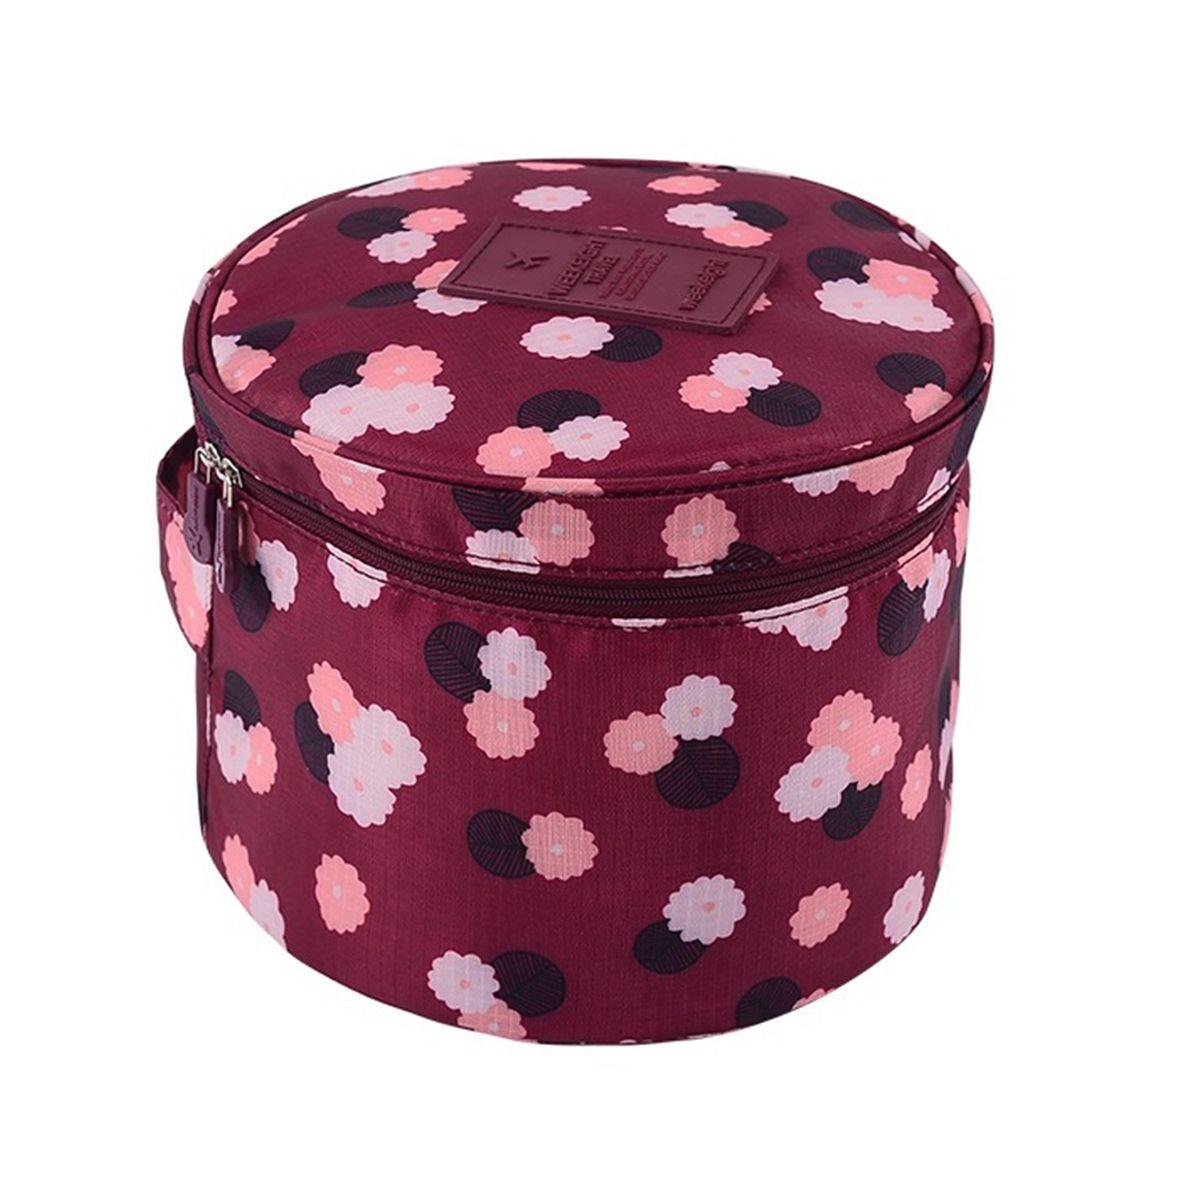 Органайзер для хранения Homsu Цветок, цвет: бордовый, белый, розовый, 19 x 19 x 14 смHOM-403Органайзер для хранения Homsu Цветок выполнен из высококачественного полиэстера. Изделие круглой формы имеет множество карманов внутри, что позволяет удобно организовать хранение косметики, и других мелких предметов. Органайзер обладает высоким качеством материала и стильным дизайном. Сверху органайзера имеется ручка для переноски.